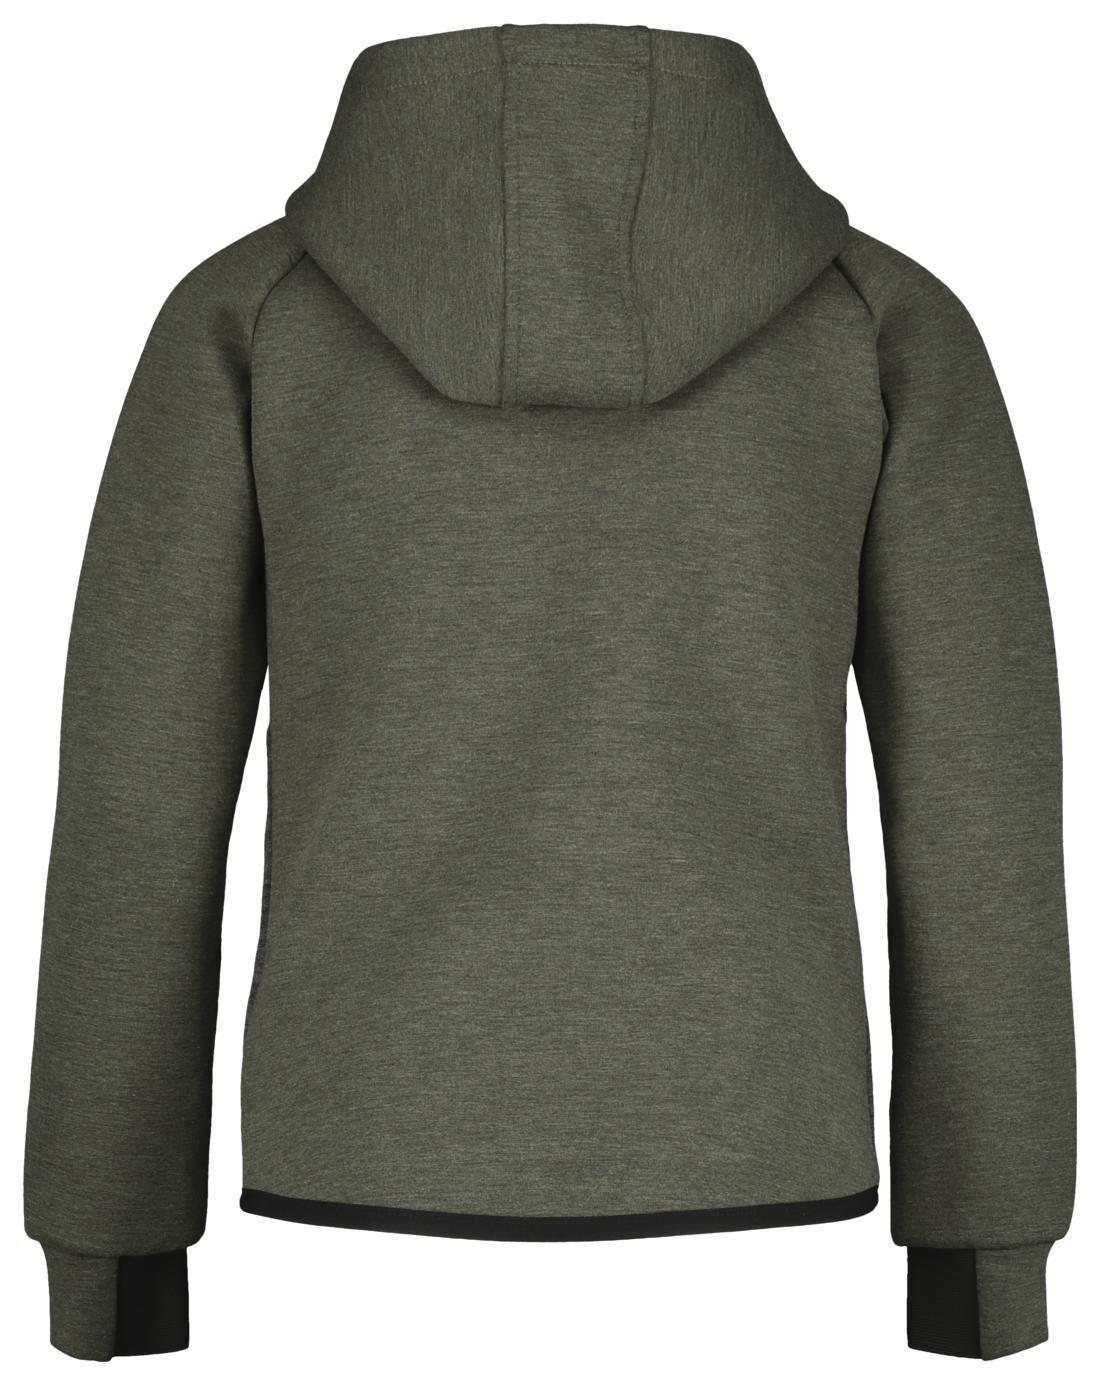 kinder fleece vest groen HEMA